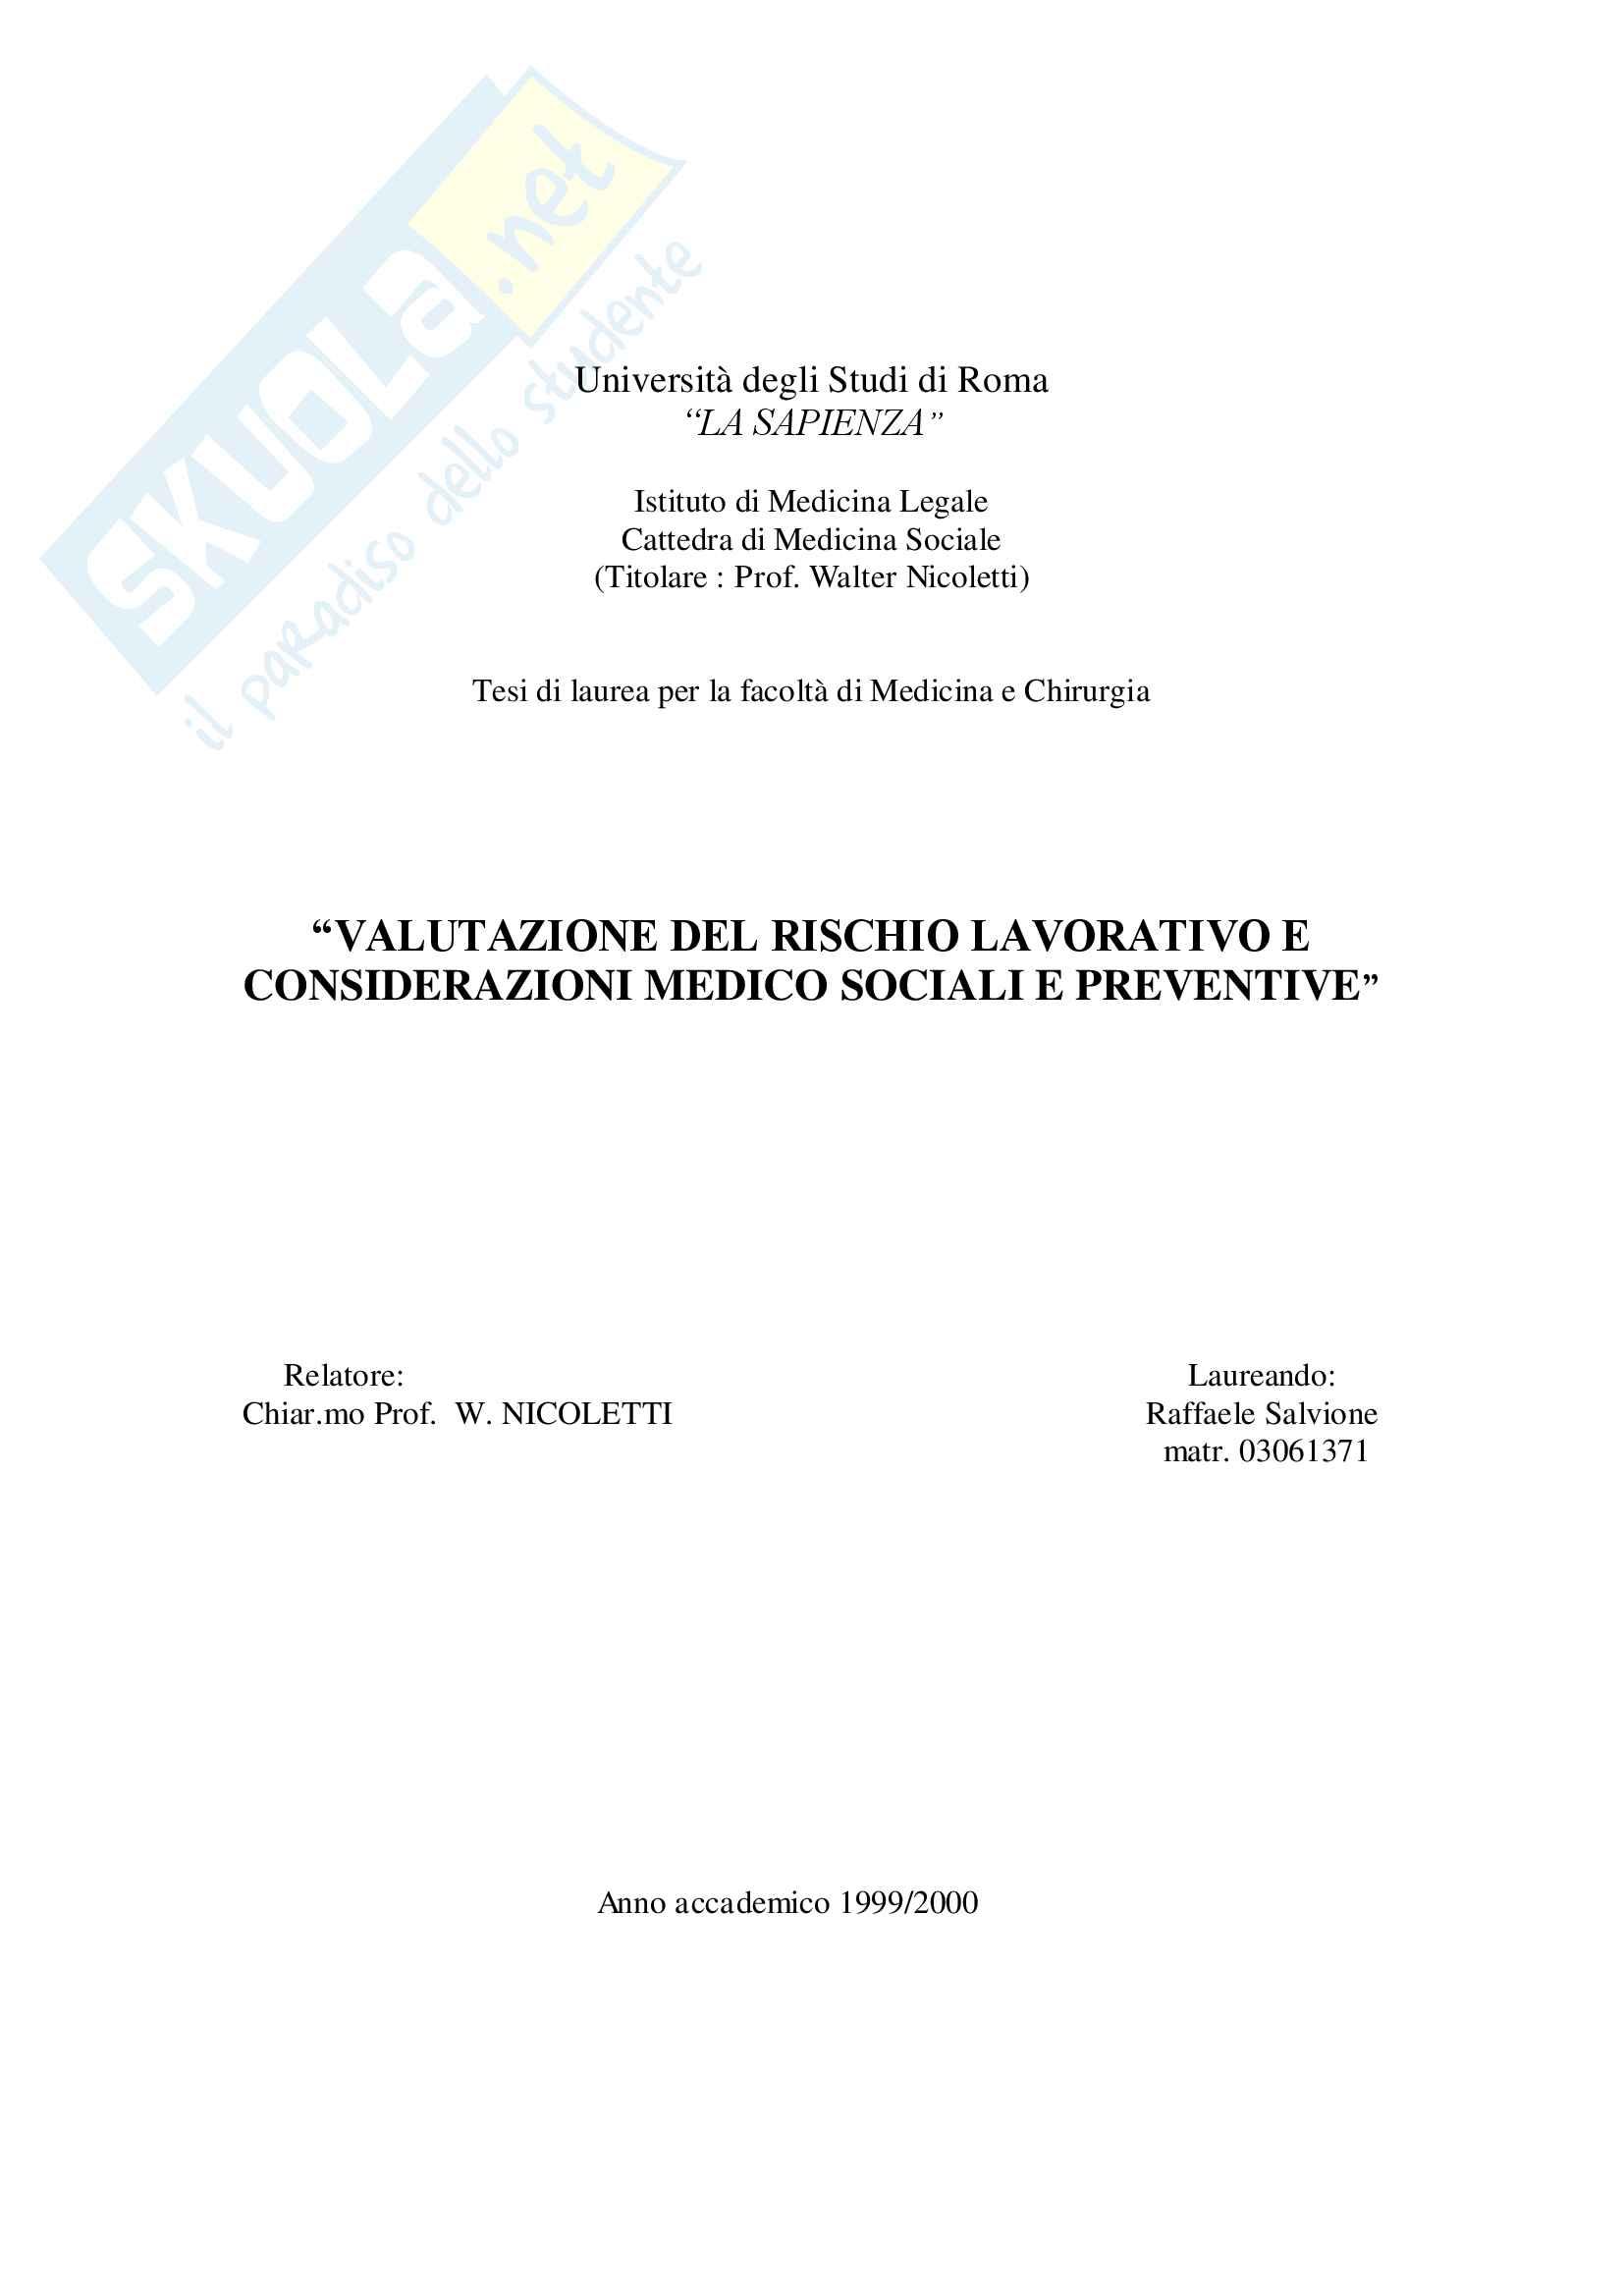 """""""Valutazione del rischio lavorativo e considerazioni medico sociali e preventive"""""""